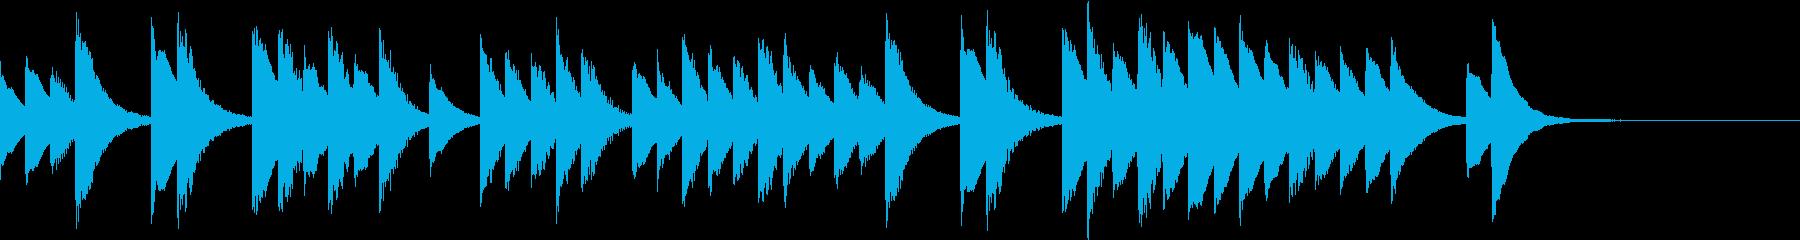 優しい気持ちになれるシンプルな鉄琴音楽の再生済みの波形